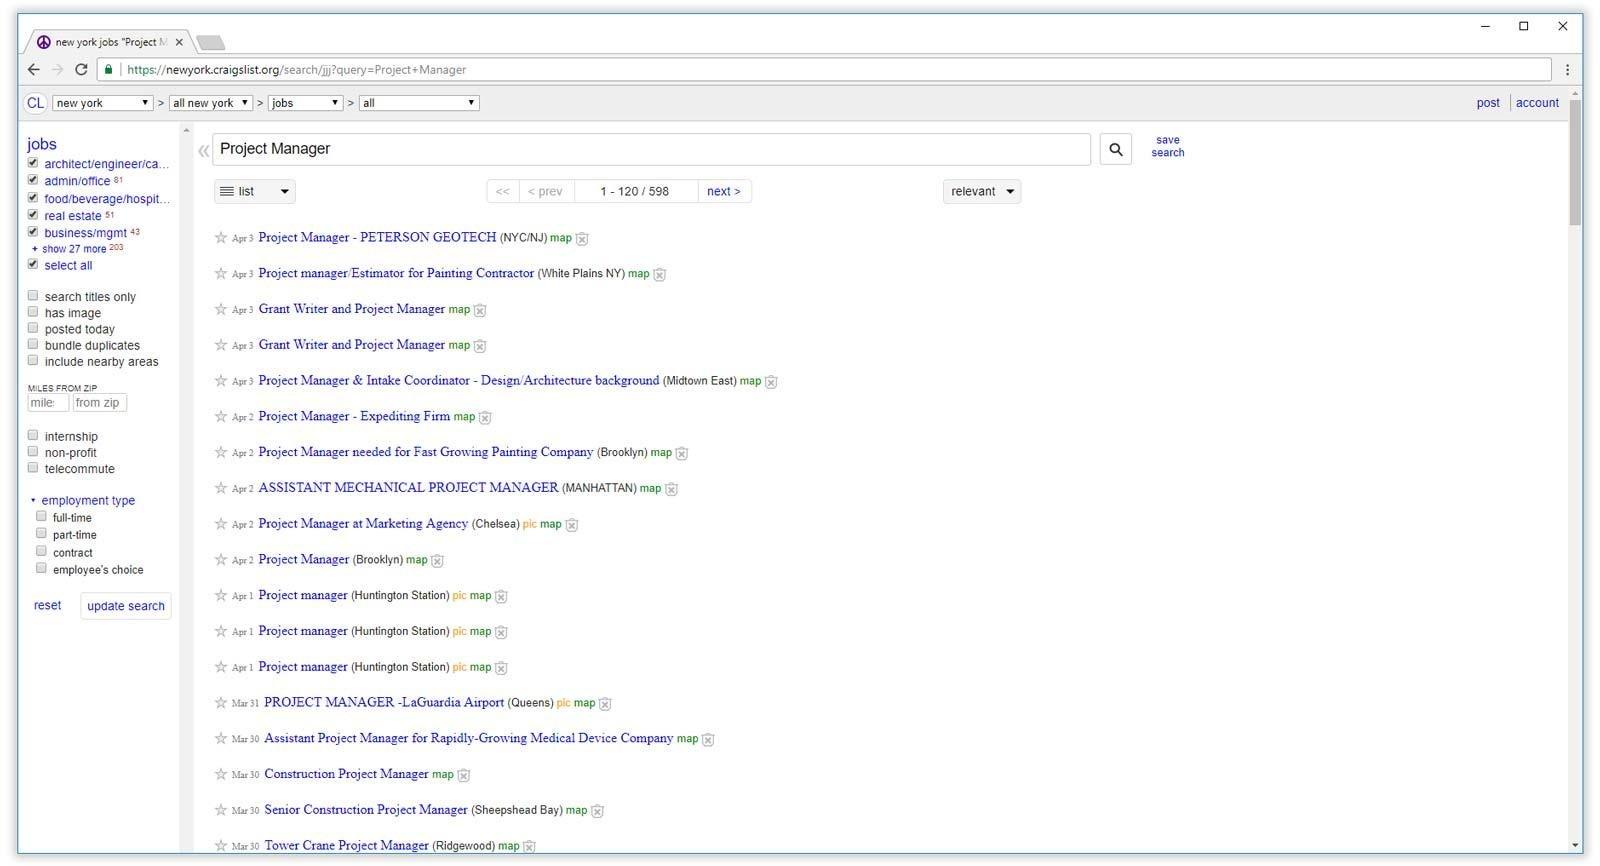 resultados de la búsqueda de empleo de craigslist